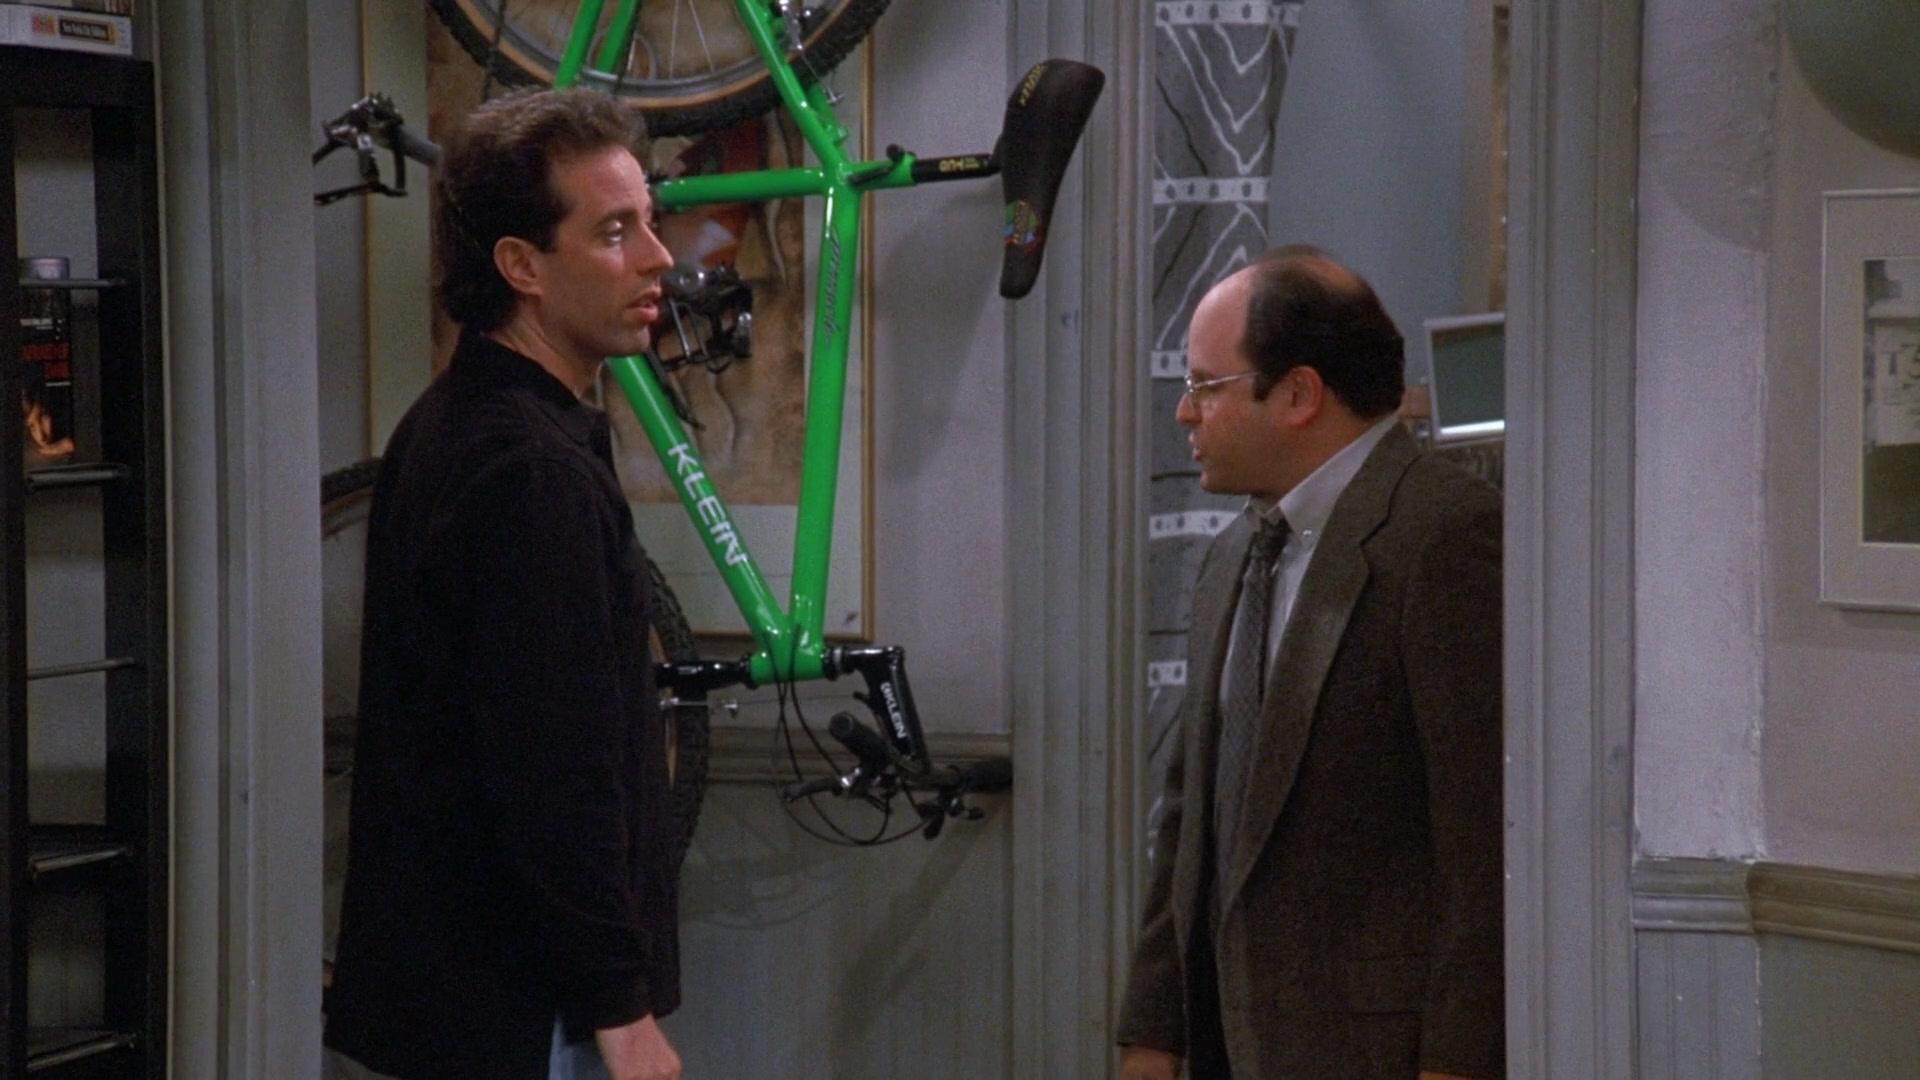 Seinfeld The Pothole (TV Episode 1997) - IMDb